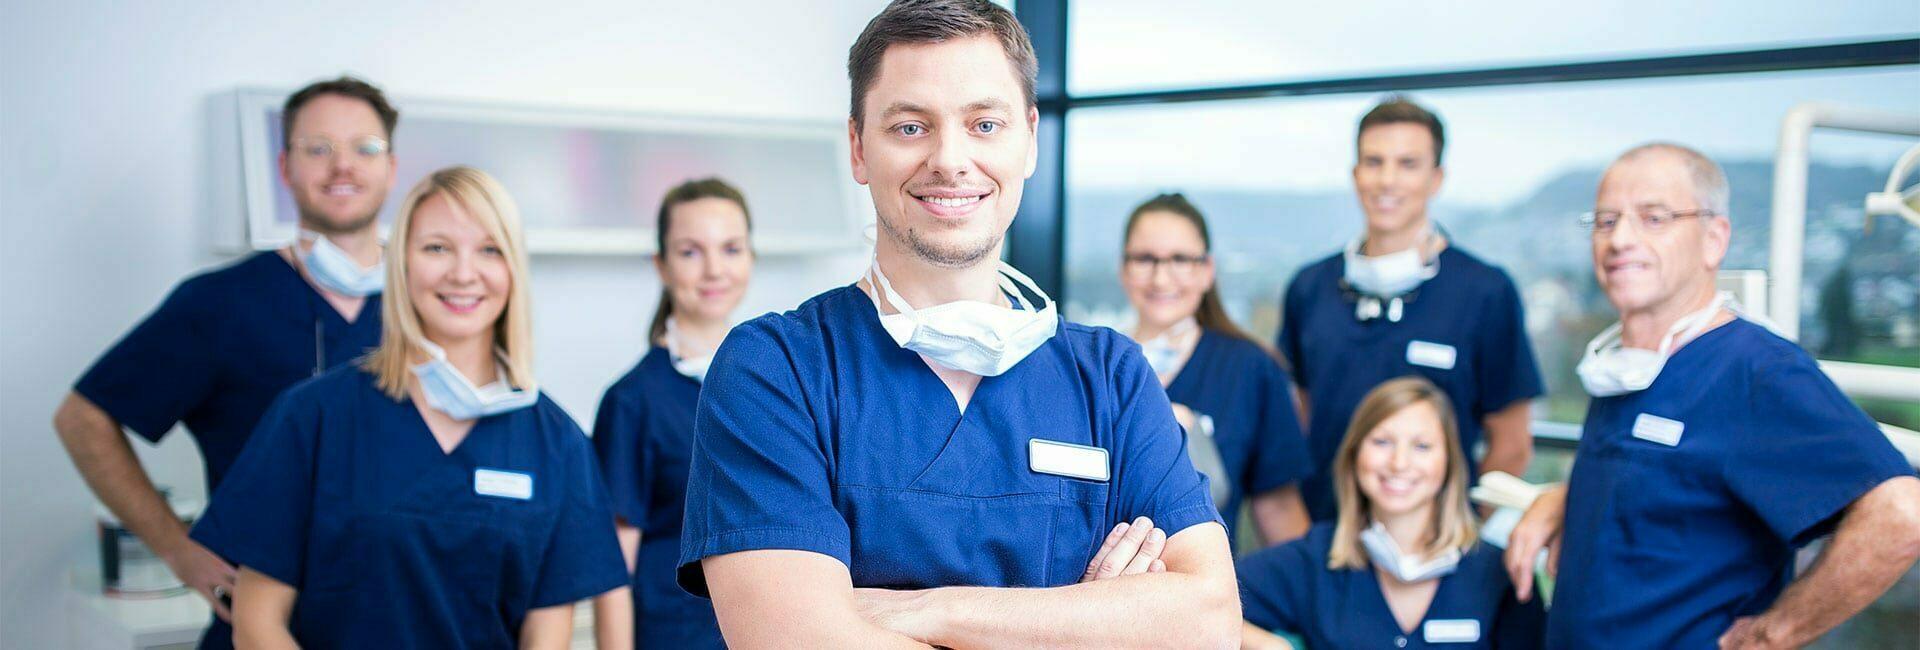 Günstiger Zahnarzt Deutschland | Dr. HAGER